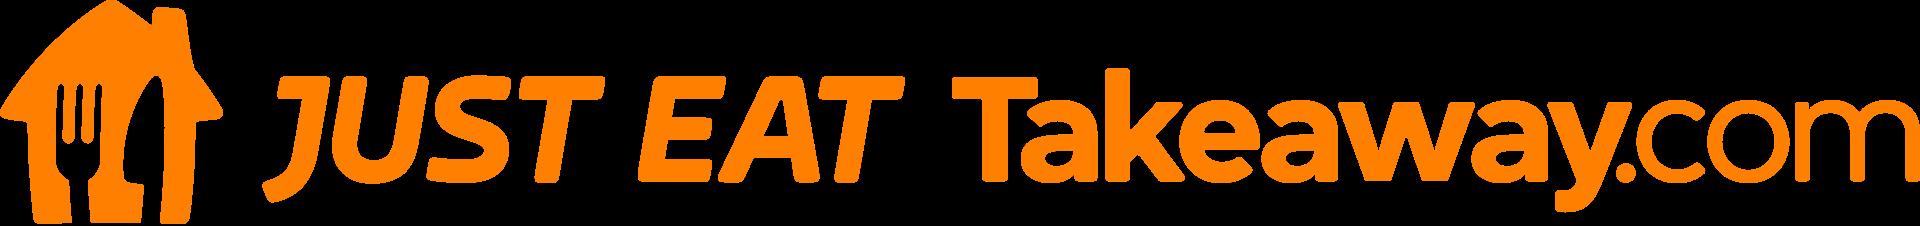 Just Eat Takeaway